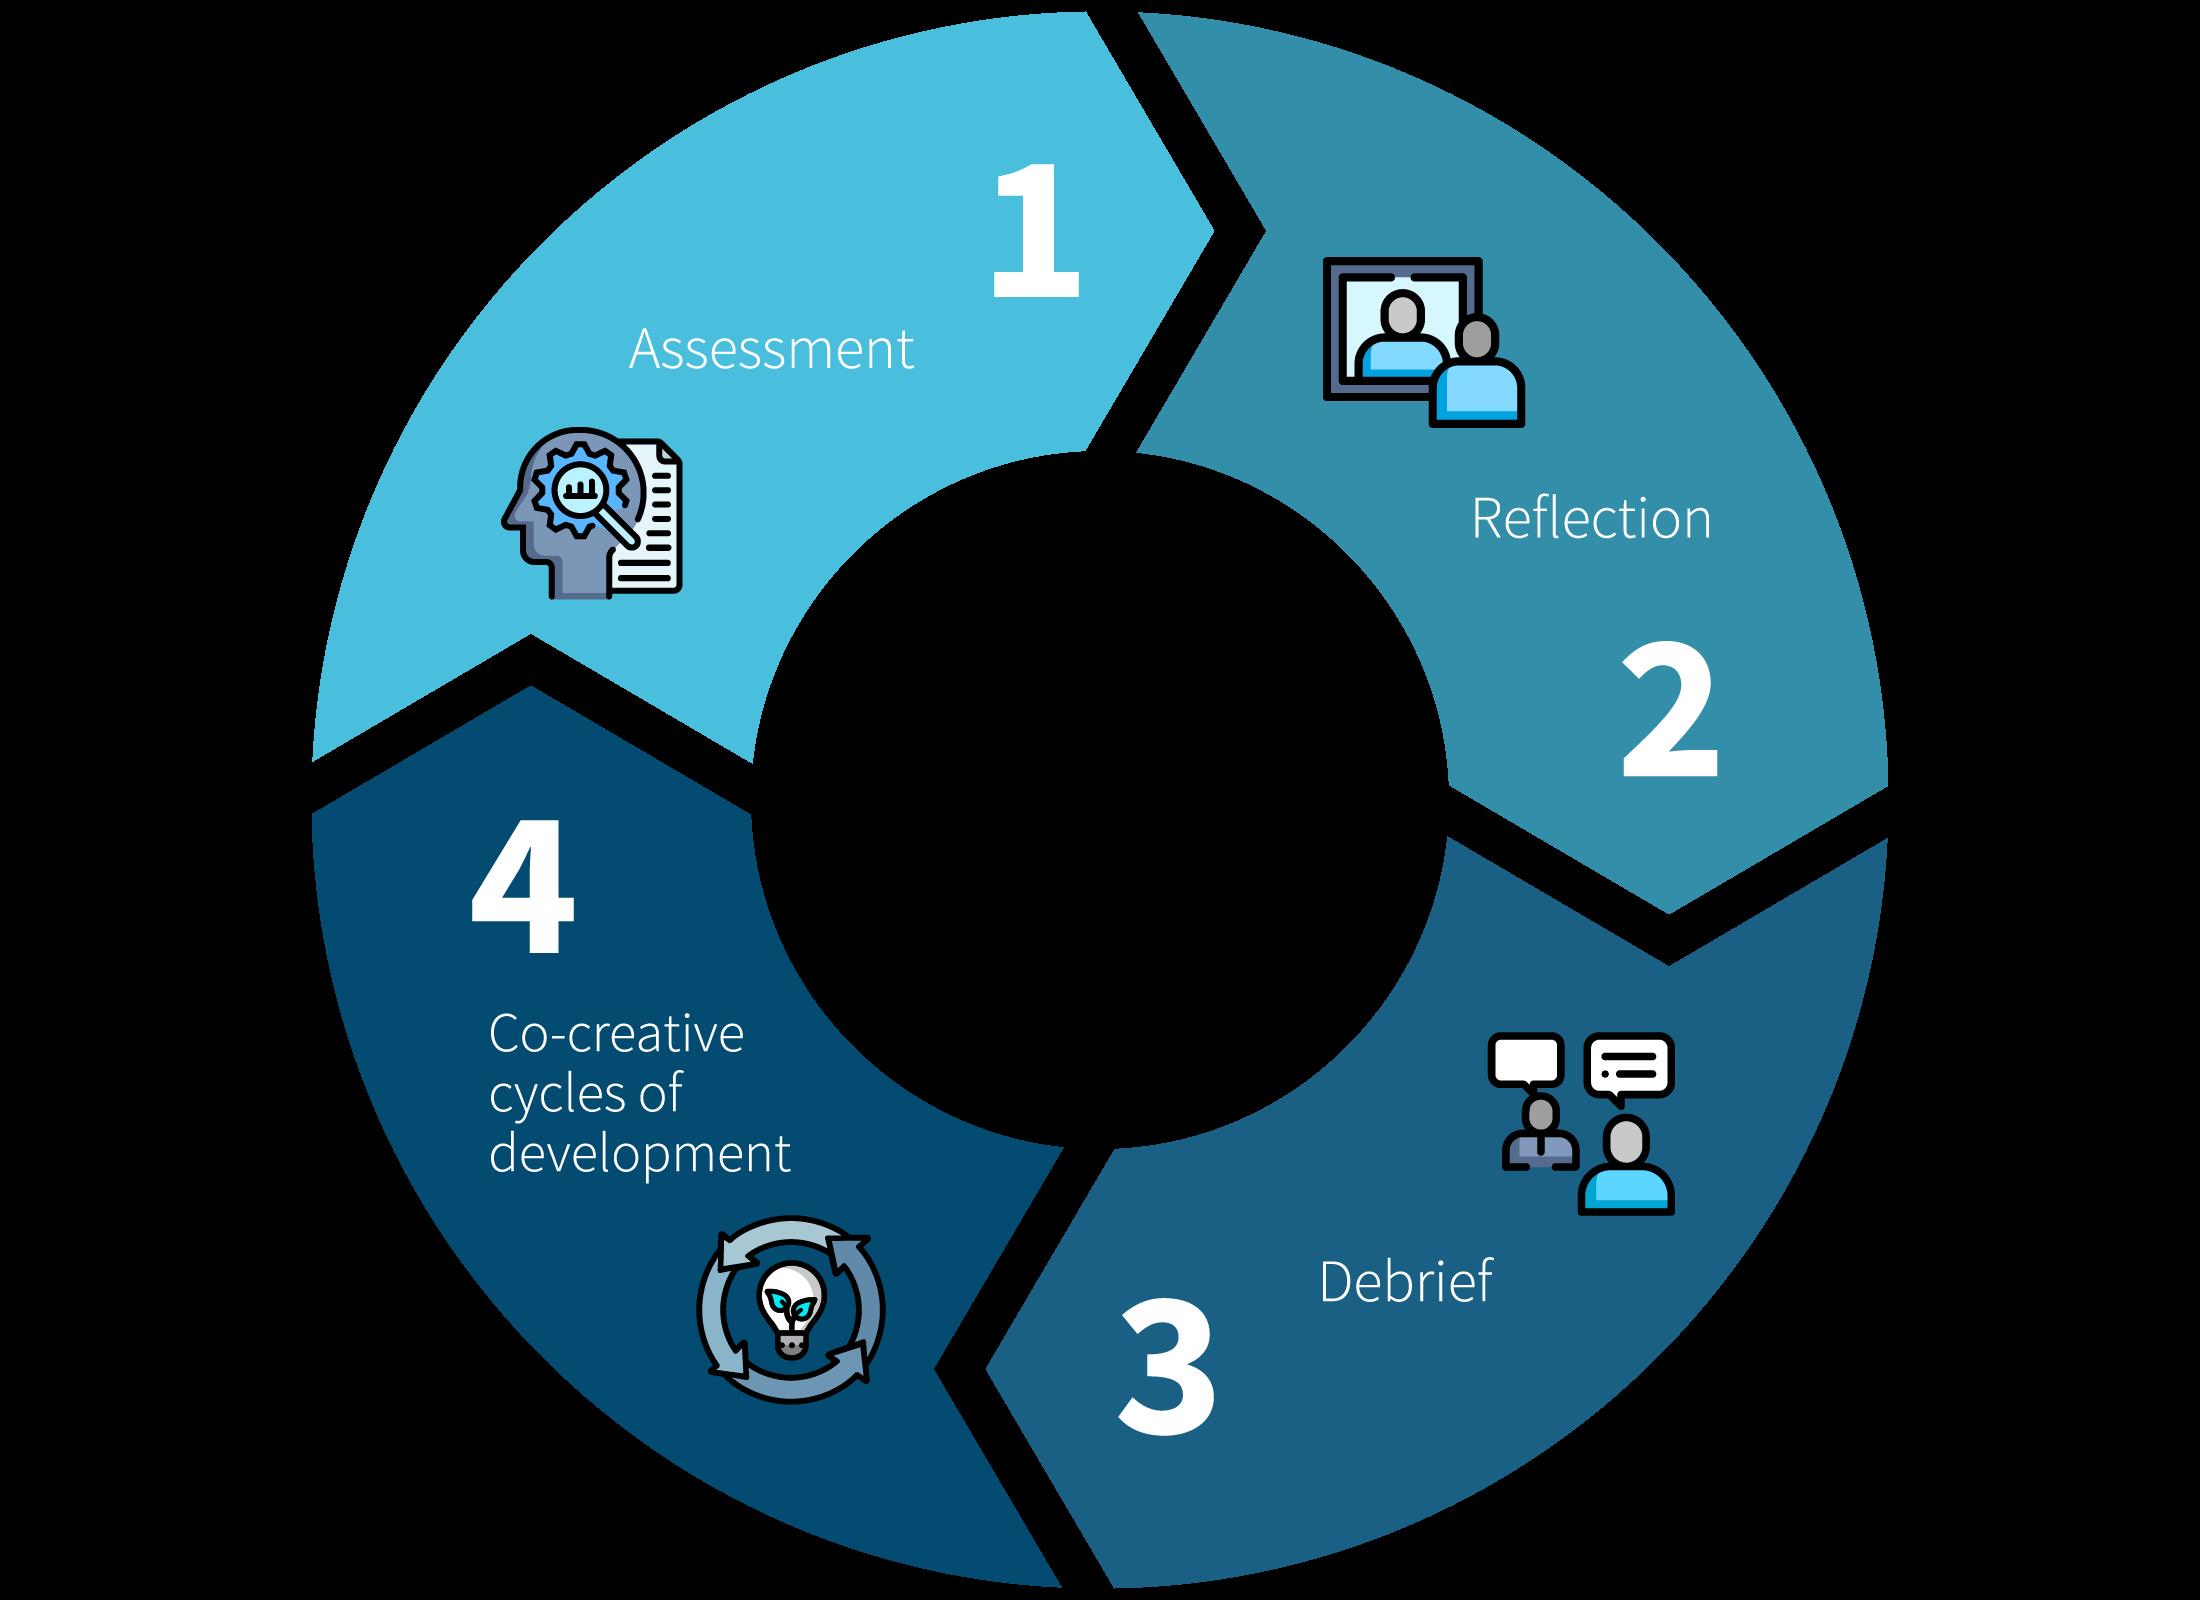 nPower Assessment Process Diagram